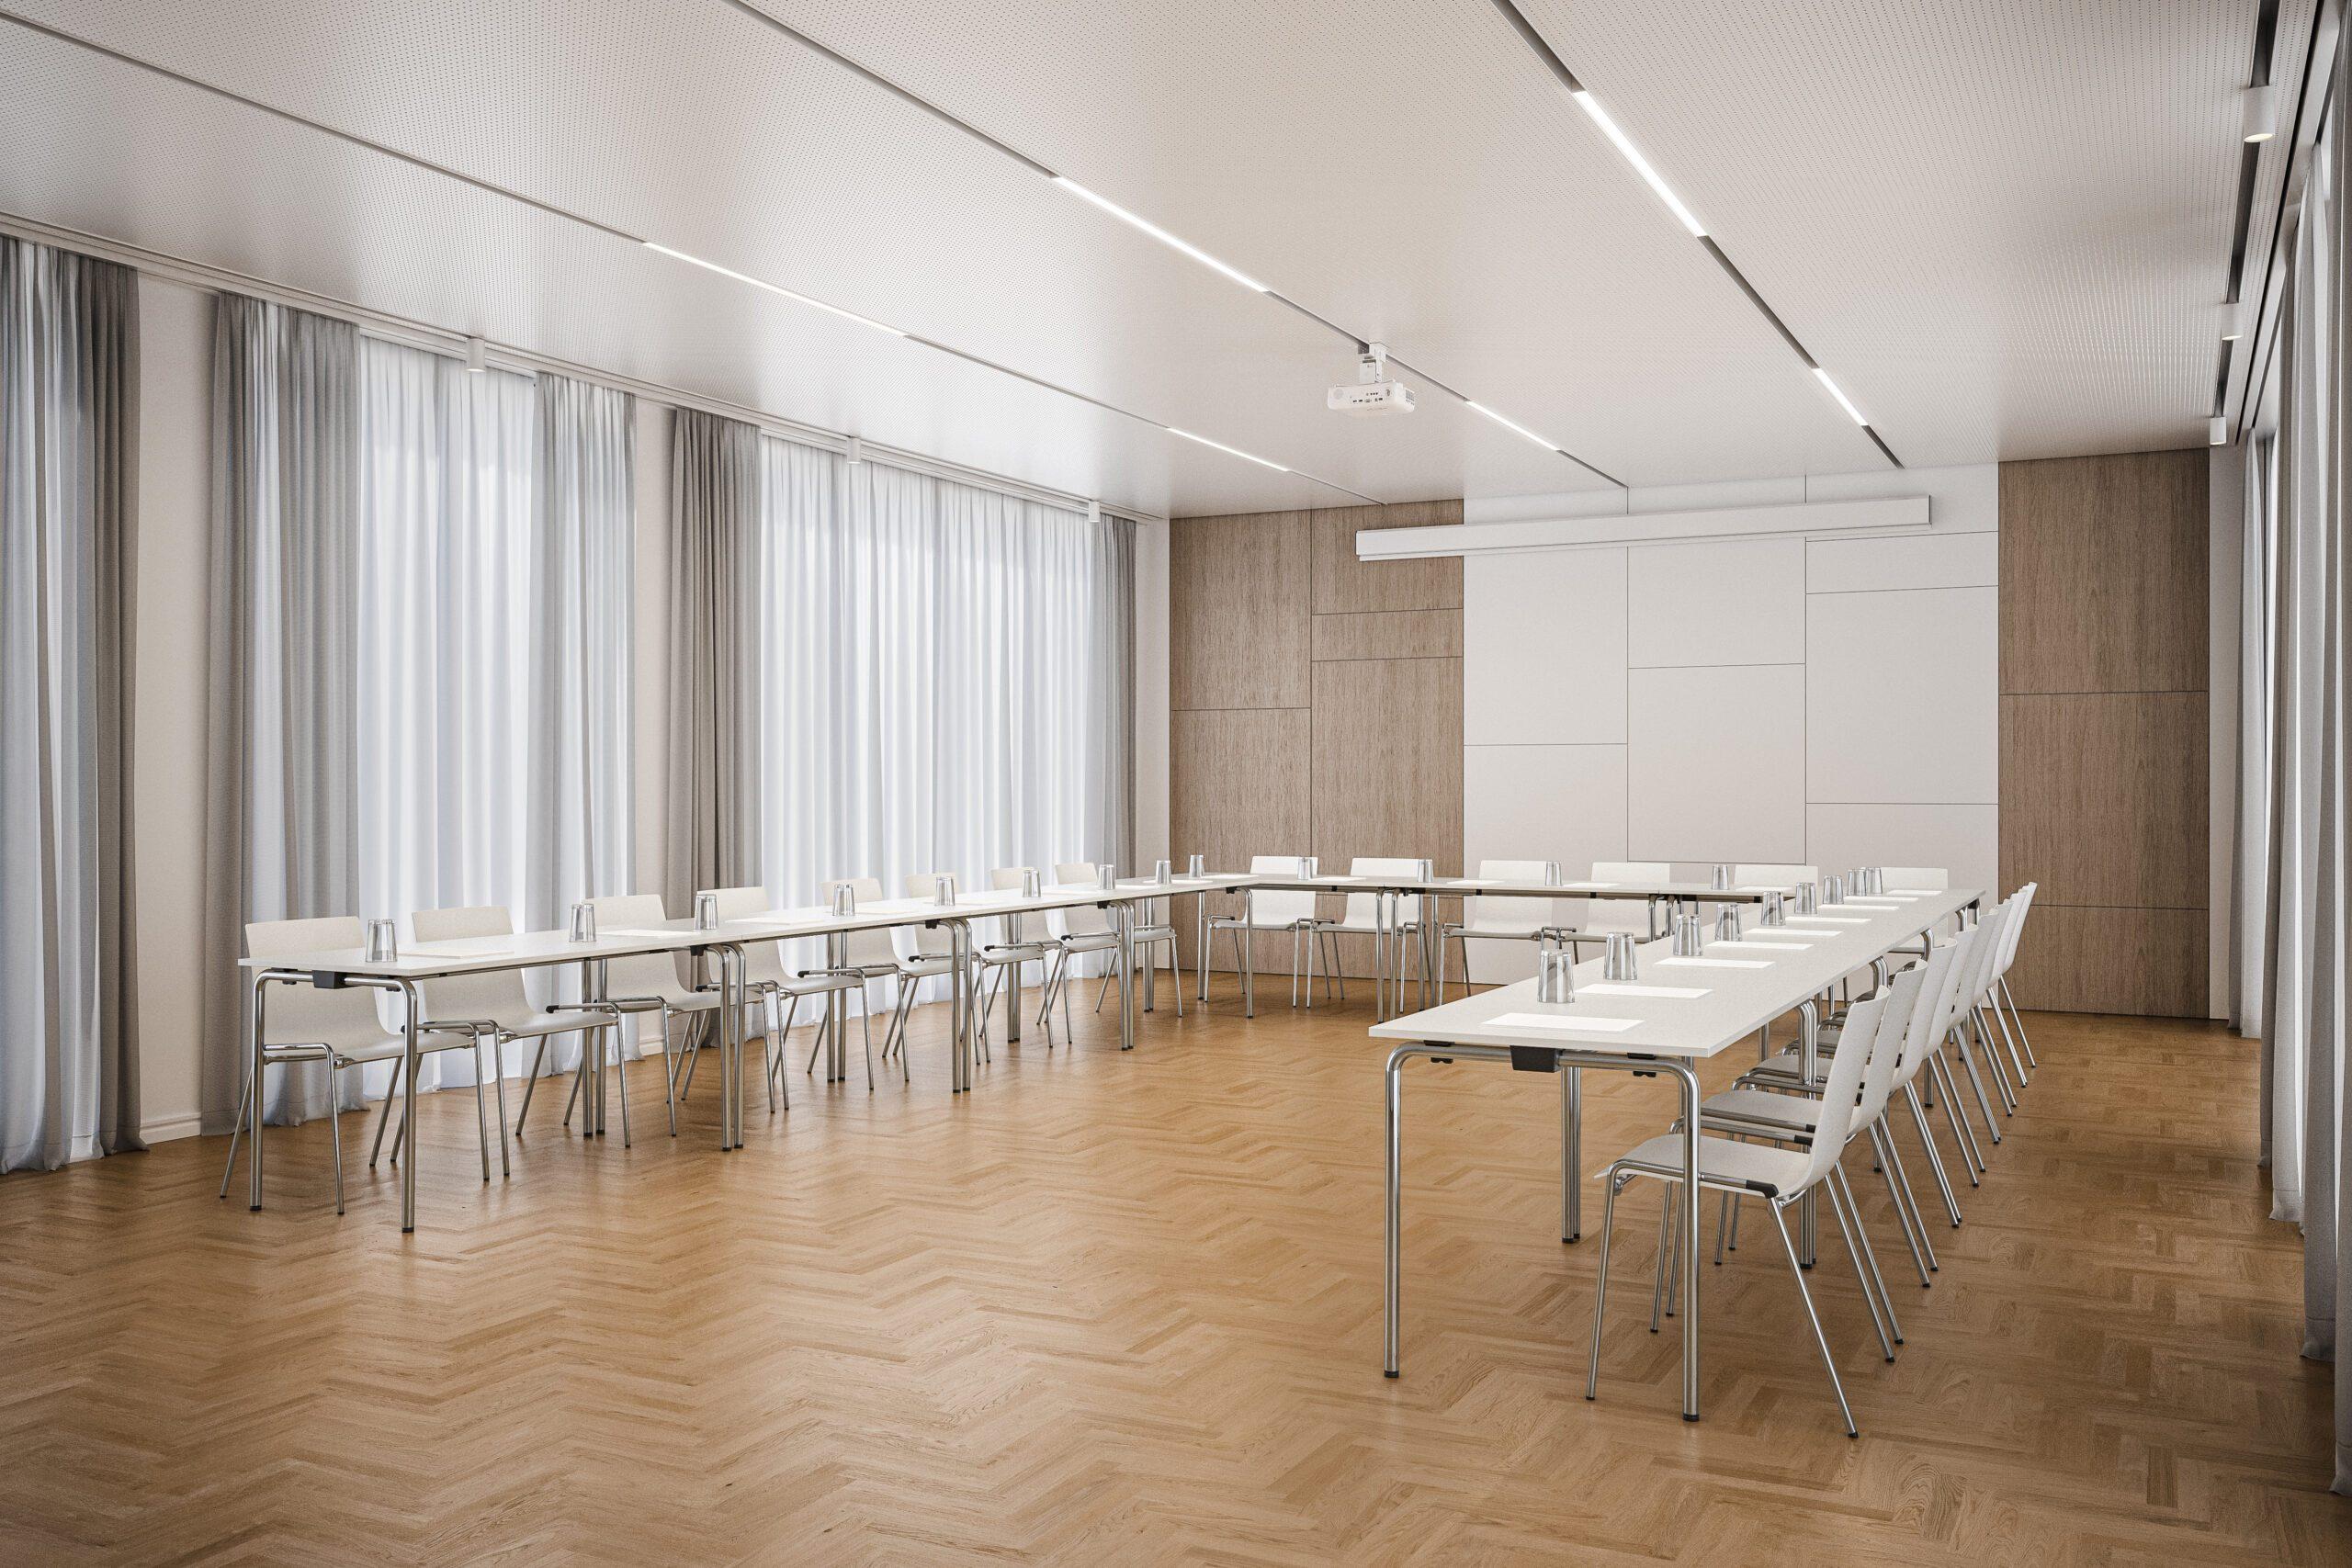 Seminarraum mit Leinwand im Hintergrund. Die Tische 1196 sind in der Form des Buchstaben U aufgestellt und ermöglichen eine Kommunikationssituation.